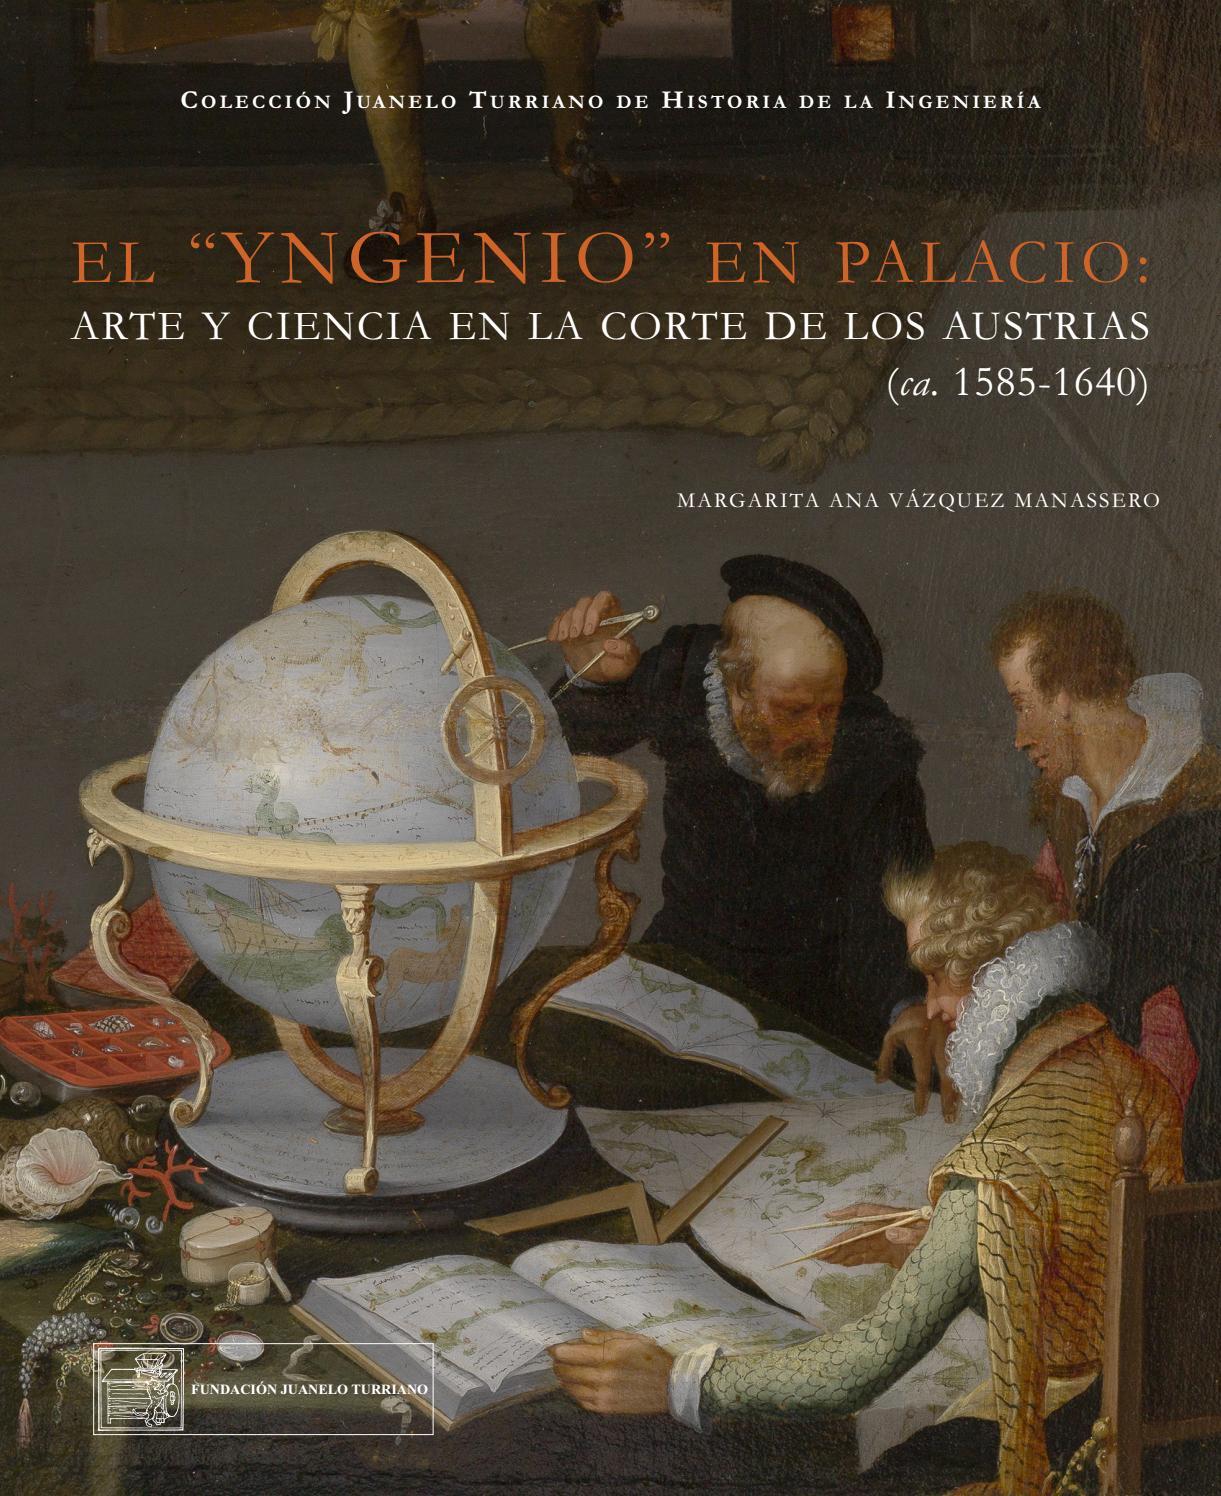 Palacio Issuu En Fundación Yngenio By Turriano Juanelo El QdxoerCEWB